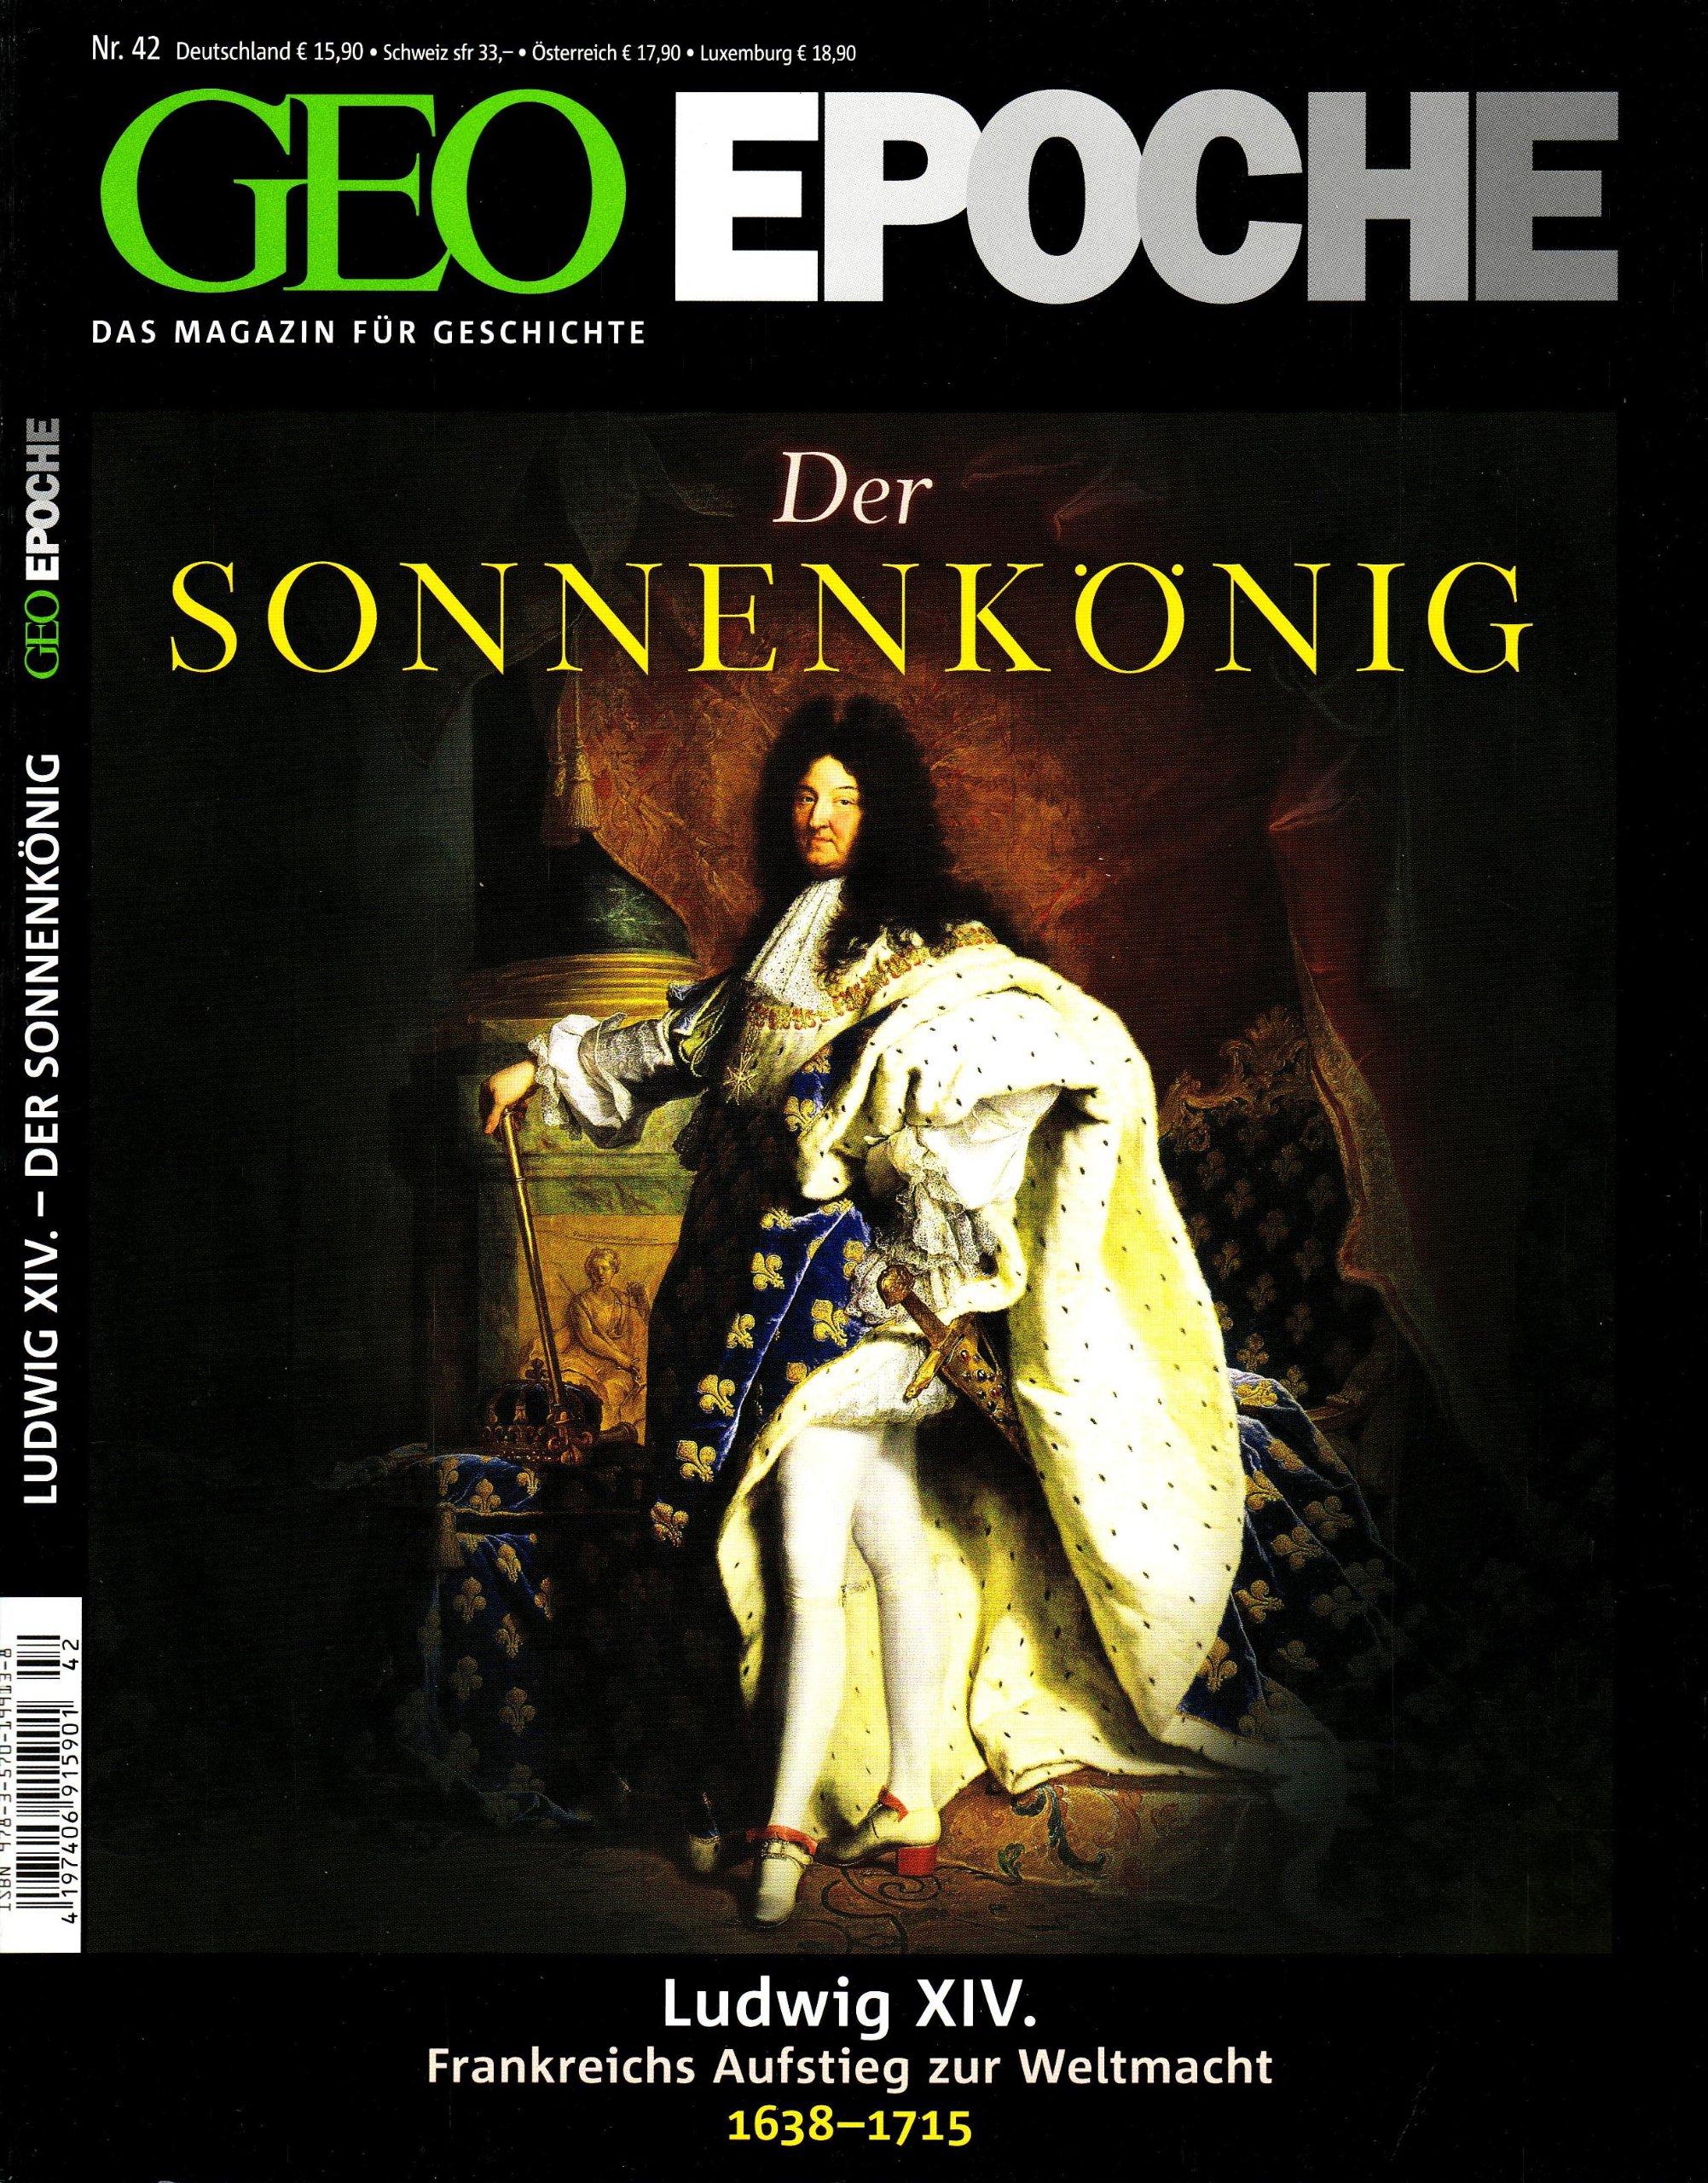 GEO Epoche 42/10: Der Sonnenkönig Ludwig XIV - Frankreichs Aufstieg zur Weltmacht 1638-1715 (mit DVD)